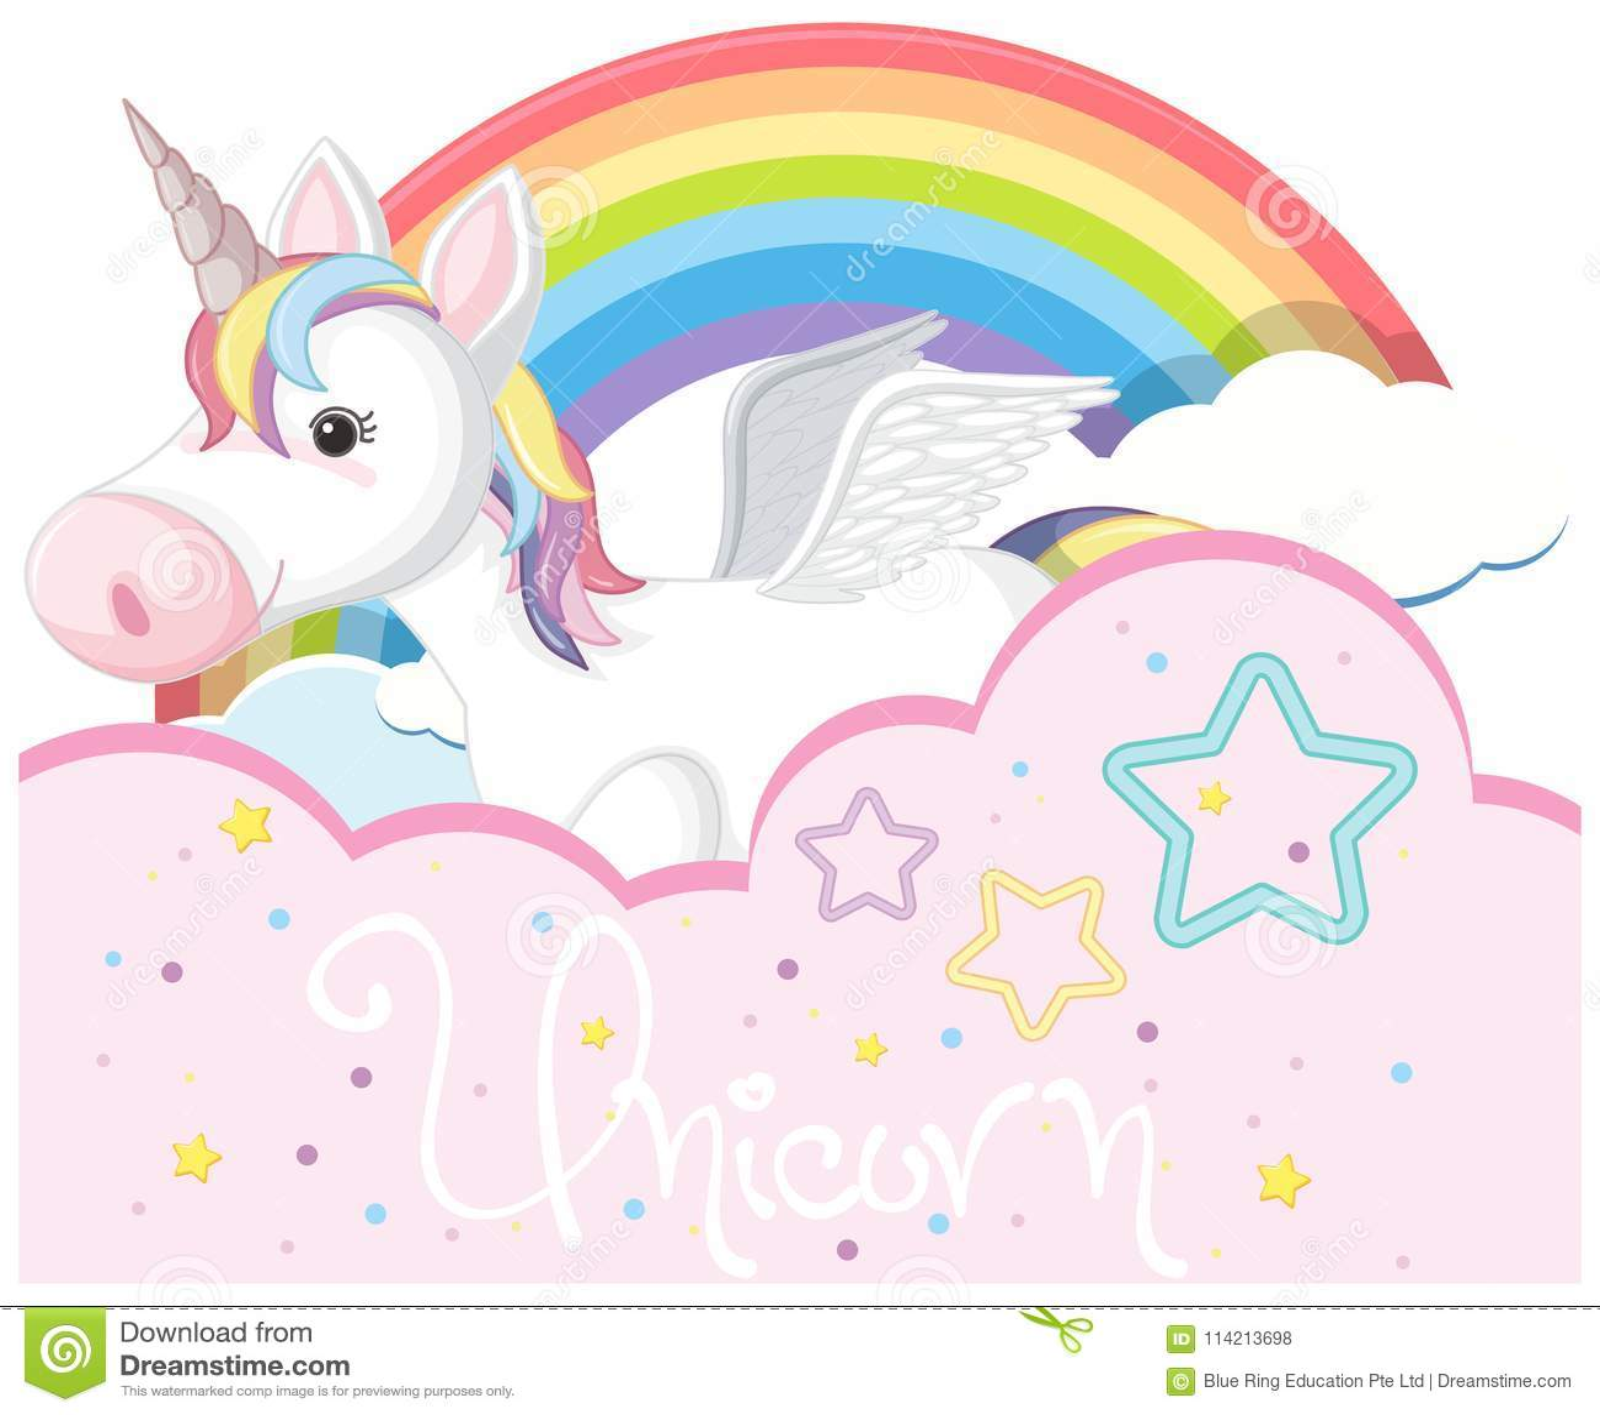 Diseño Del Rainbow Warrior Iii: Diseño Del Fondo Con Unicornio Lindo Y El Arco Iris